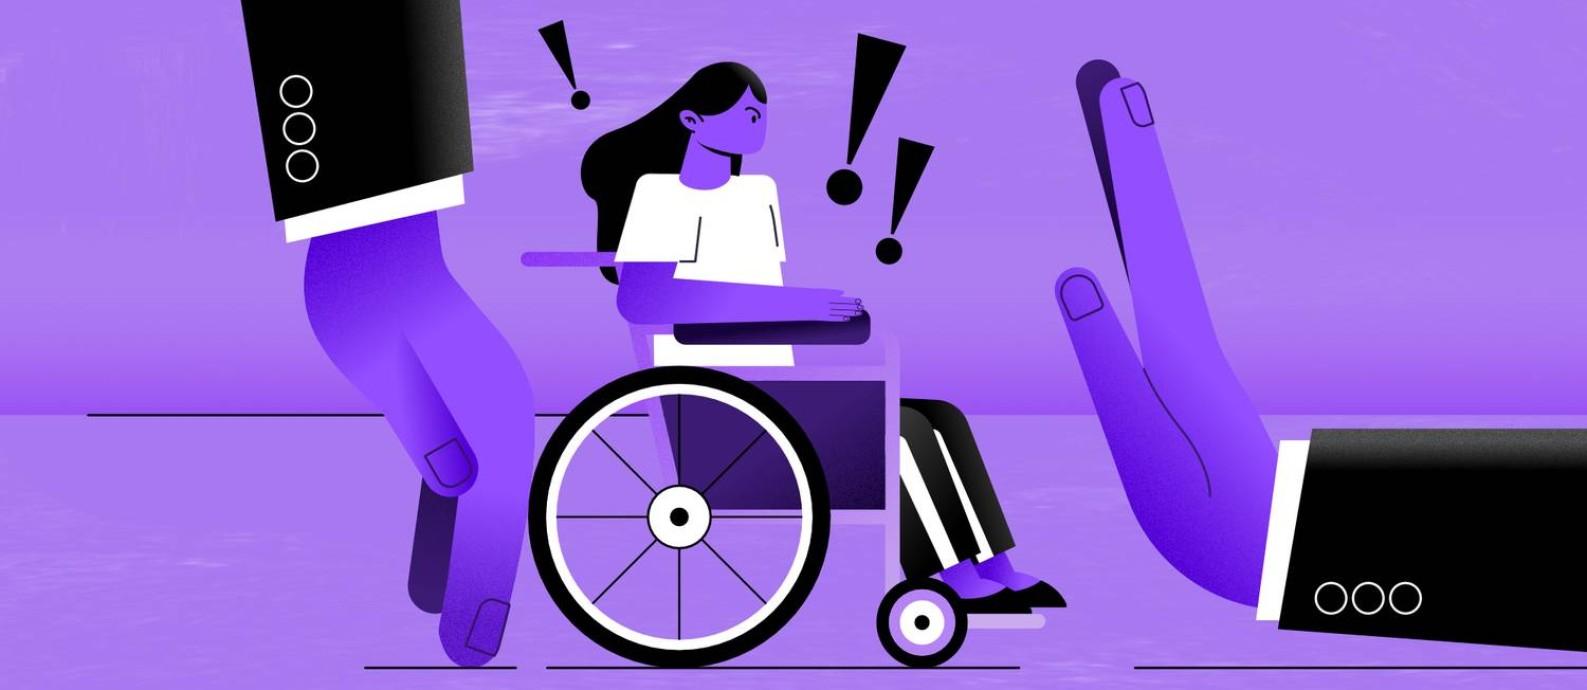 """O preconceito contra pessoas com deficiência tem muitas camadas, passando pela discriminação explícita até situações mais implícitas, como o """"discurso de superação"""" Foto: Arte de Ana Luiza Costa"""